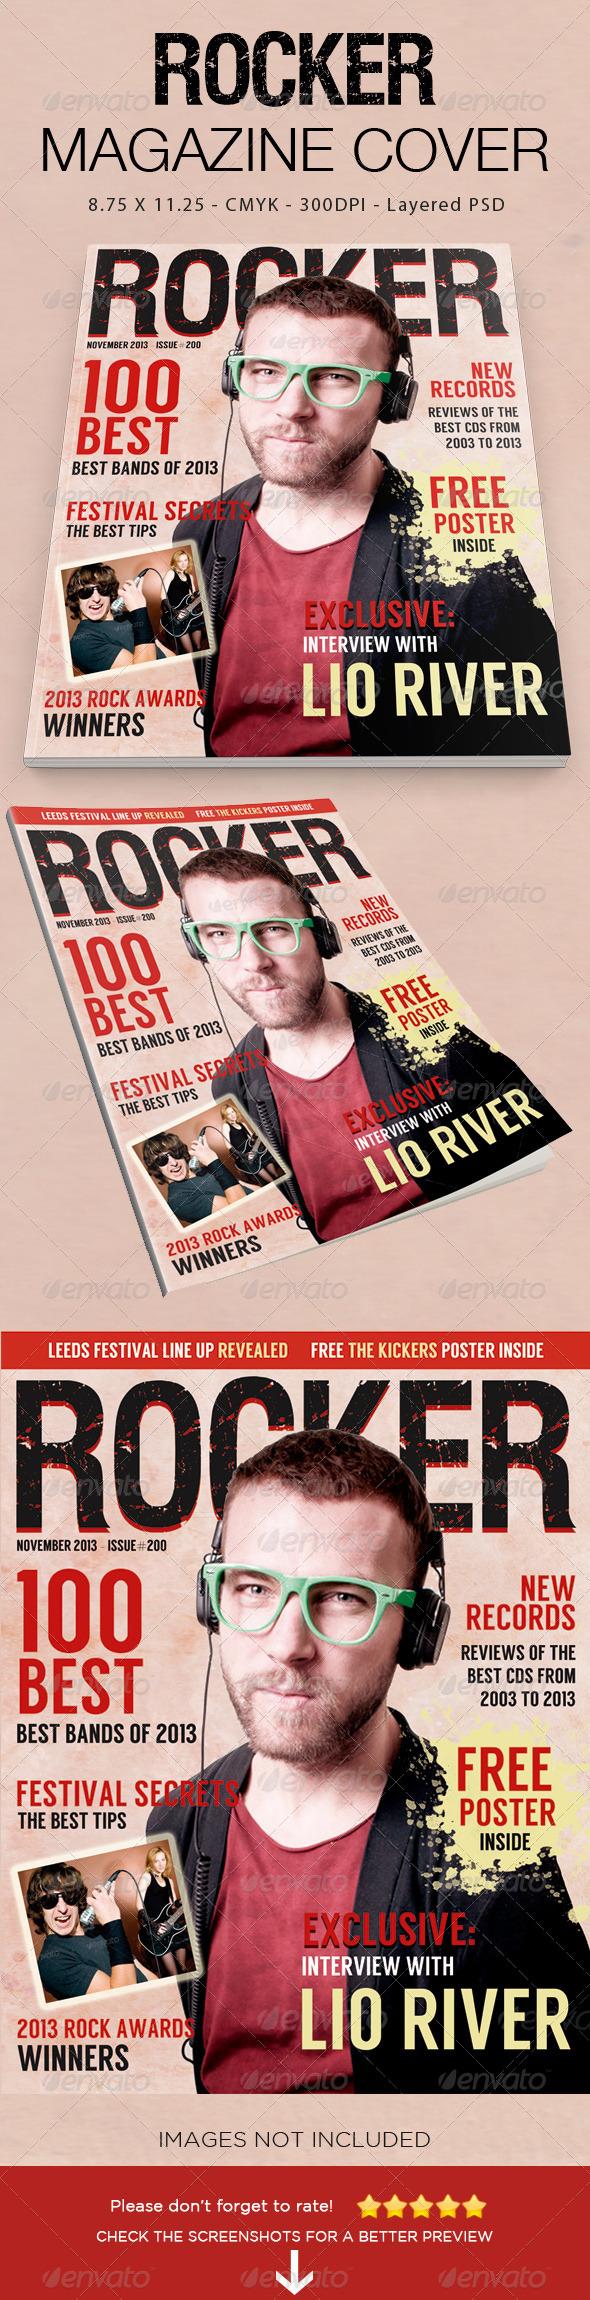 GraphicRiver Rocker Magazine Cover 6041583